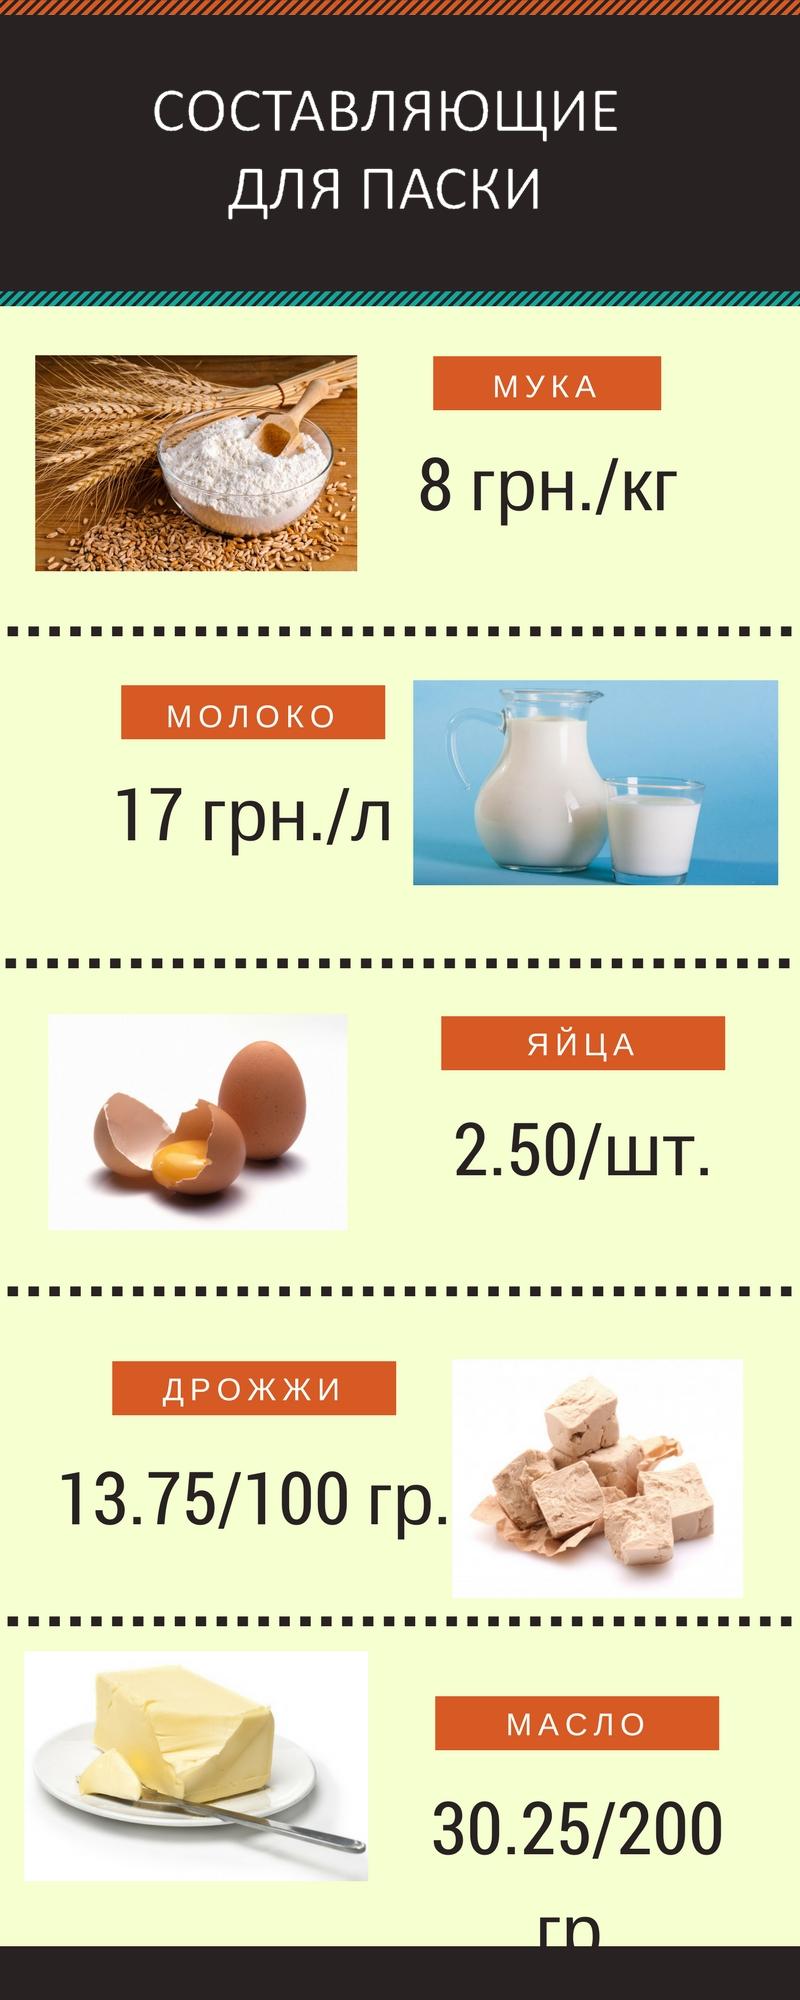 Пасхальная корзина 2018: во сколько николаевцам обойдется стандартный набор продуктов на Пасху, - ИНФОГРАФИКА, фото-3